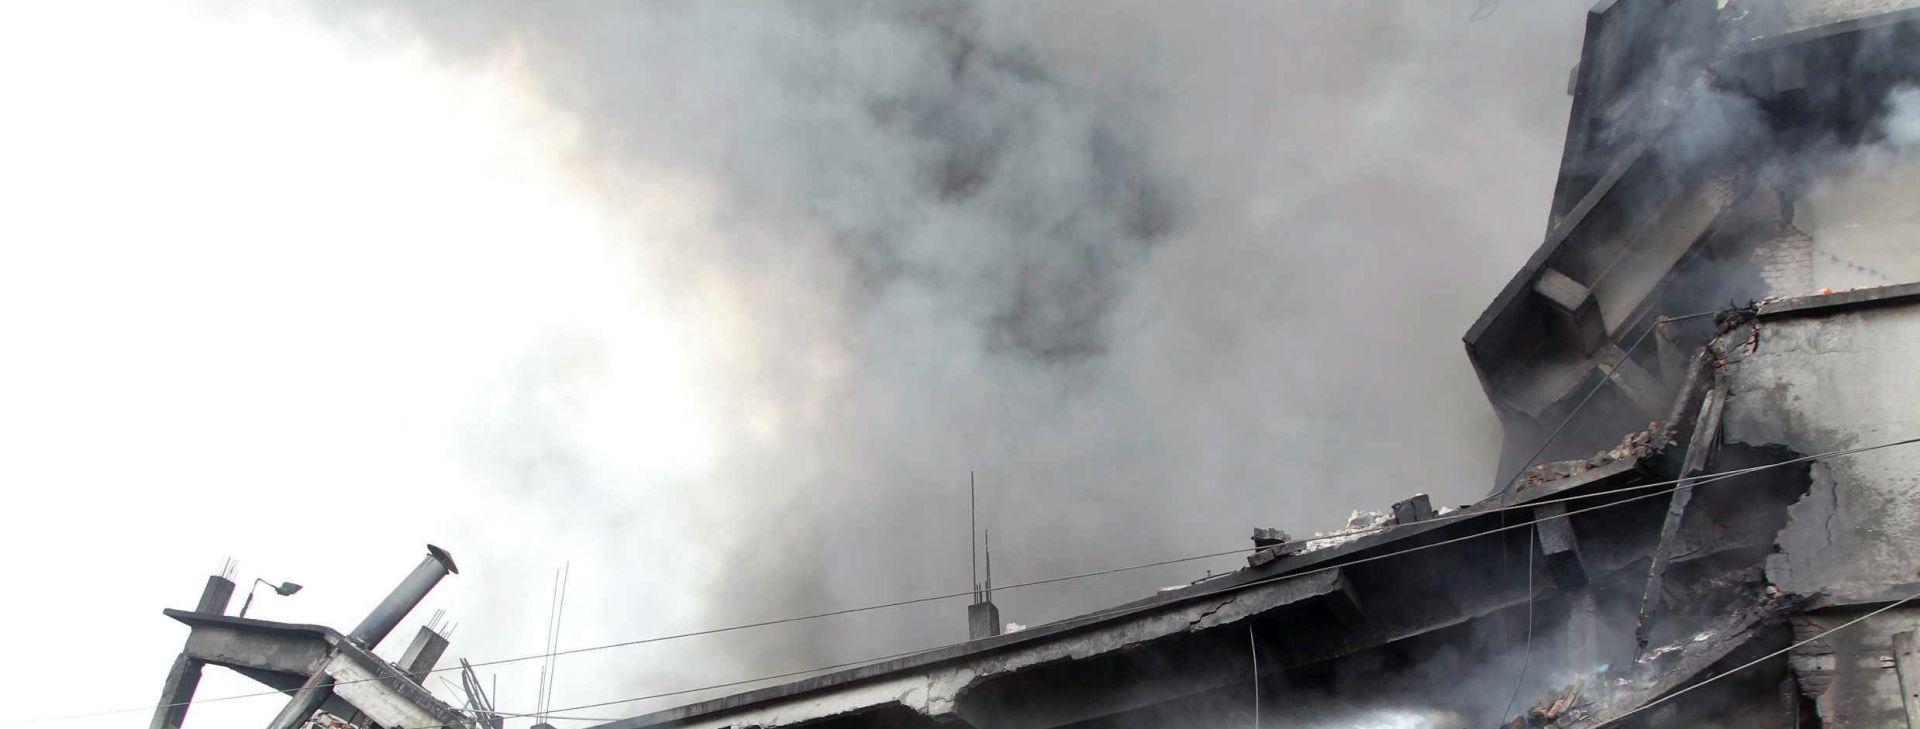 UZROK ZASAD NEPOZNAT: U eksploziji u Barceloni jedna osoba poginula, 17 ozlijeđenih